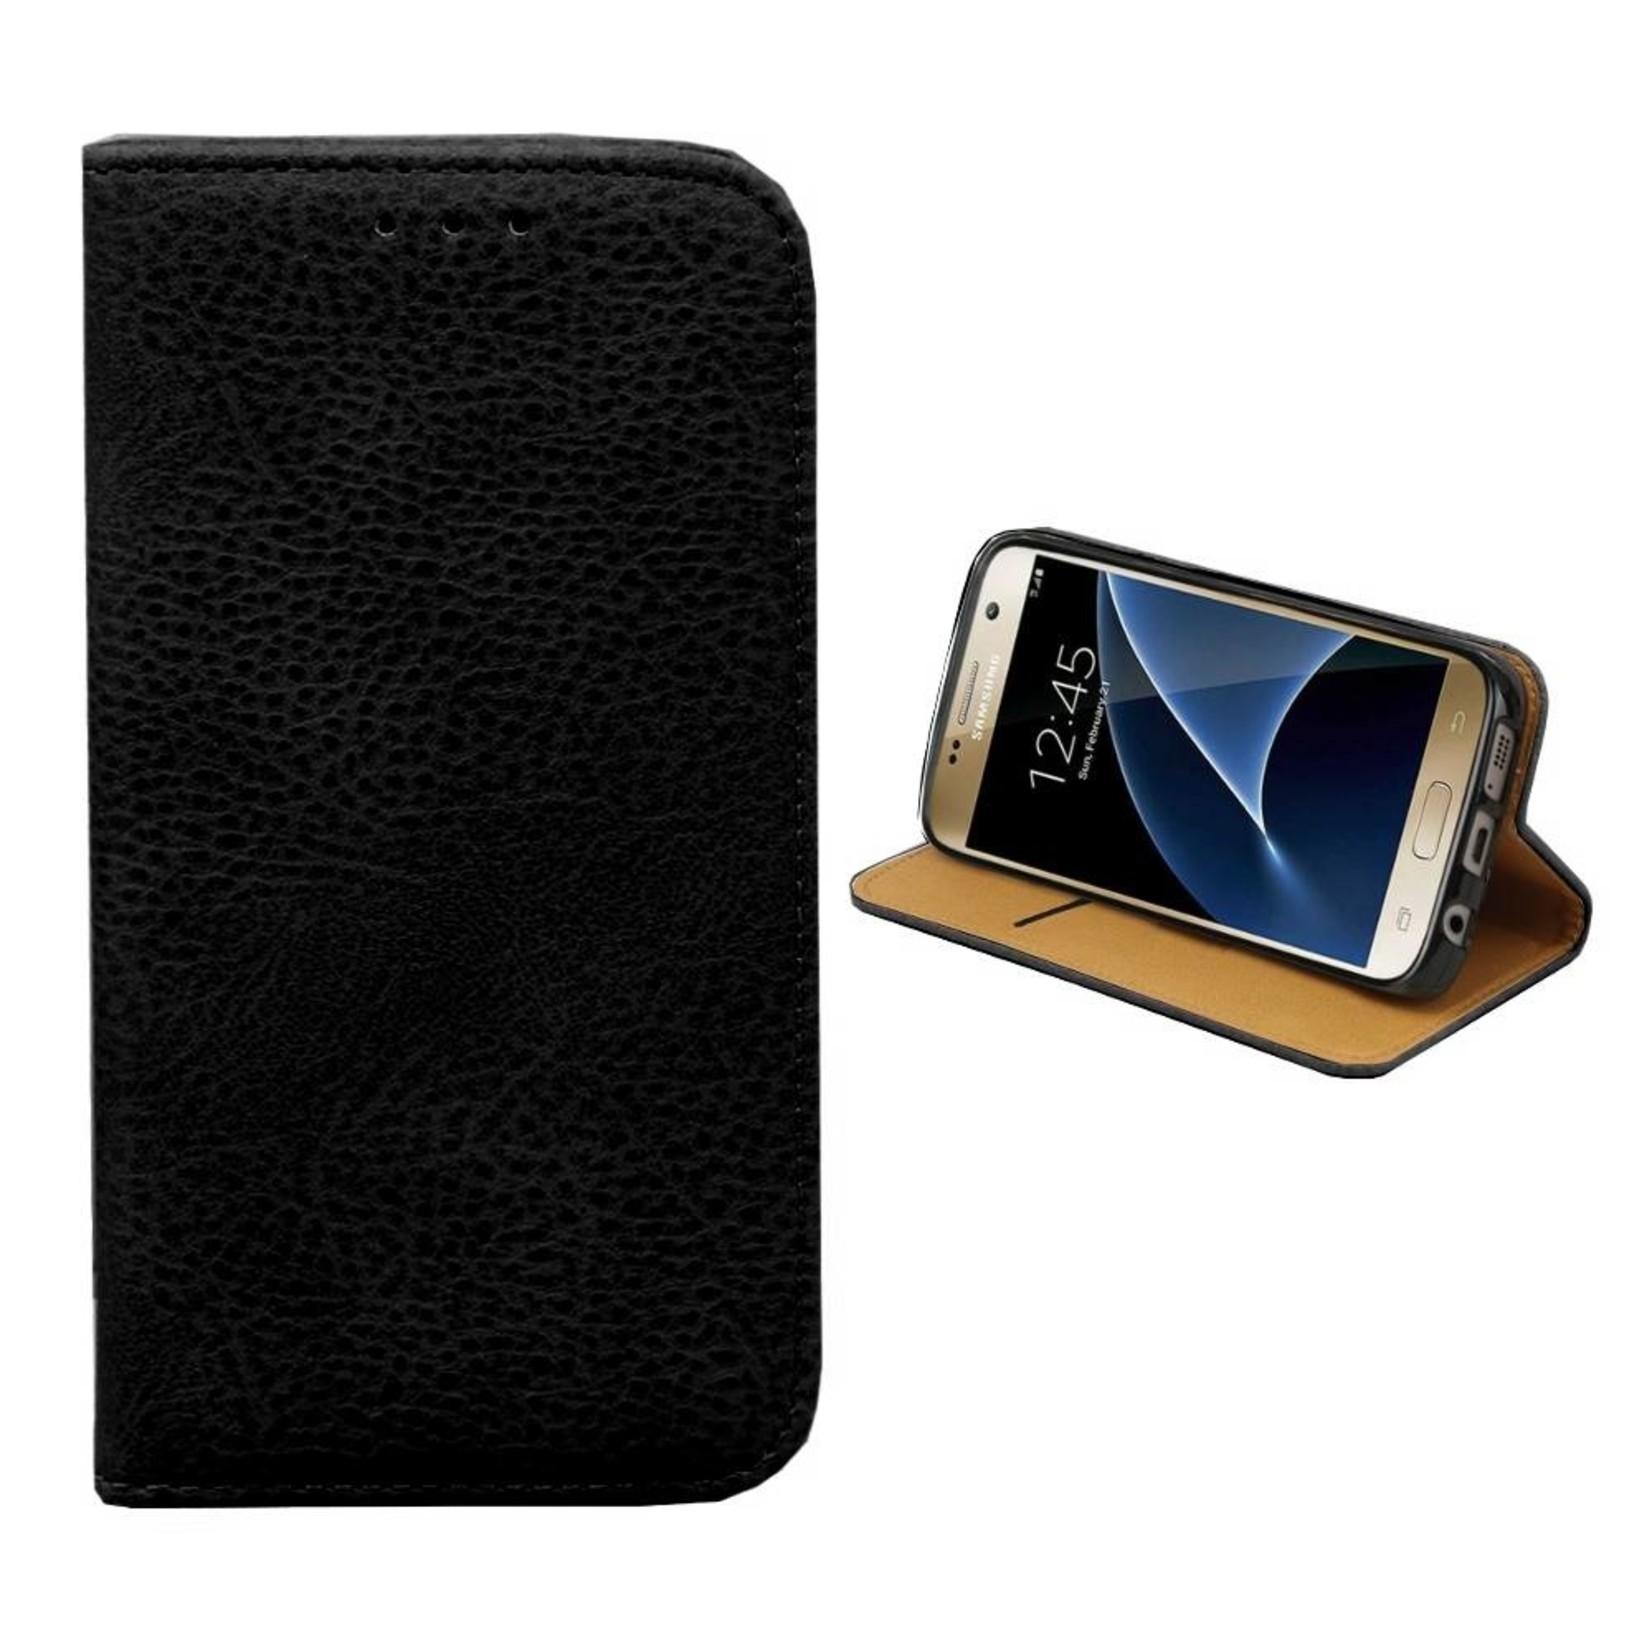 Colorfone Hoesje Book voor Samsung Galaxy S6 Edge Plus Zwart